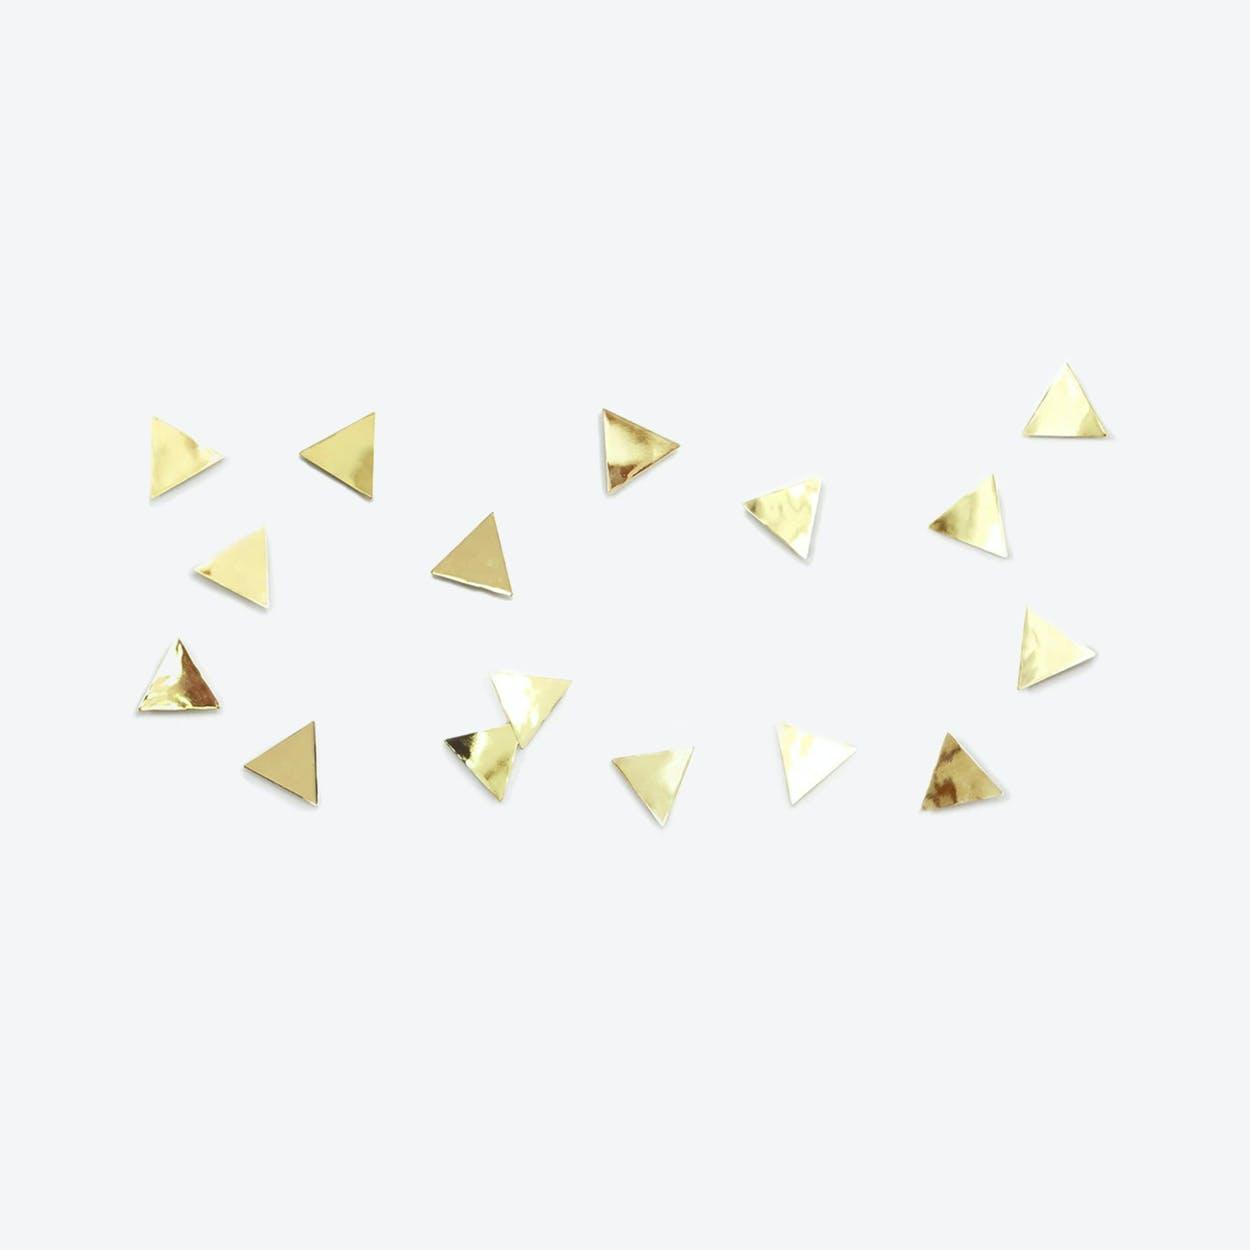 Confetti Triangles in Brass (Set of 16)